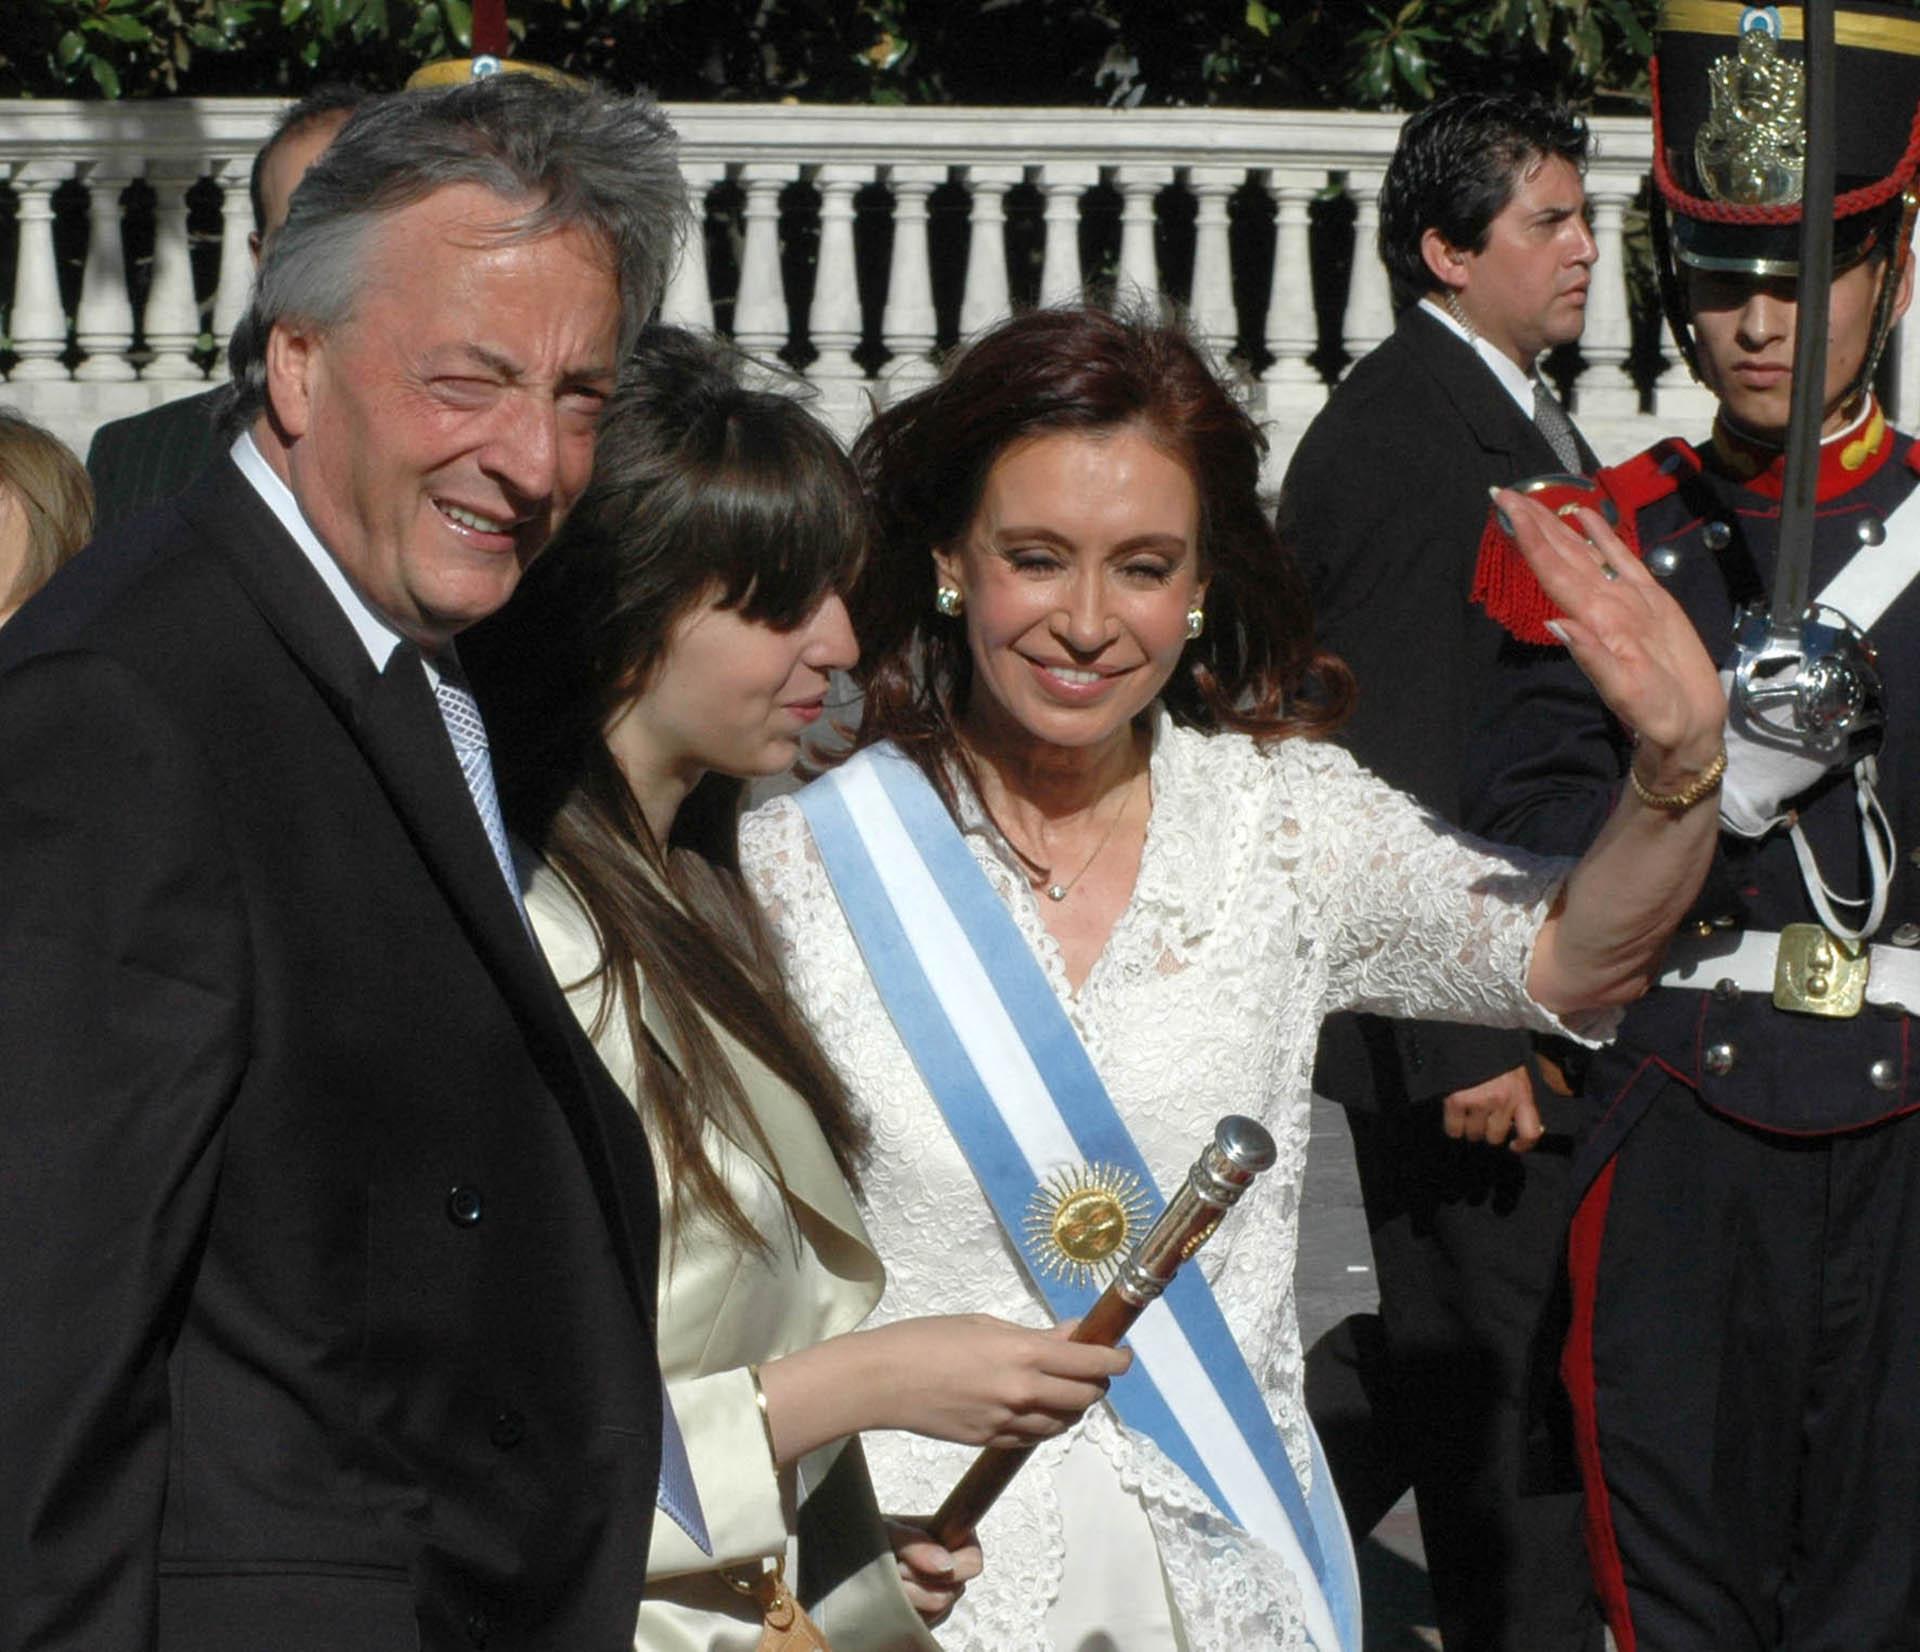 La presidenta Cristina Fernández de Kirchner, ingresa a Casa de Gobierno luego de su jura en el Congreso junto a su hija Florencia y al ex presidente, Néstor Kirchner